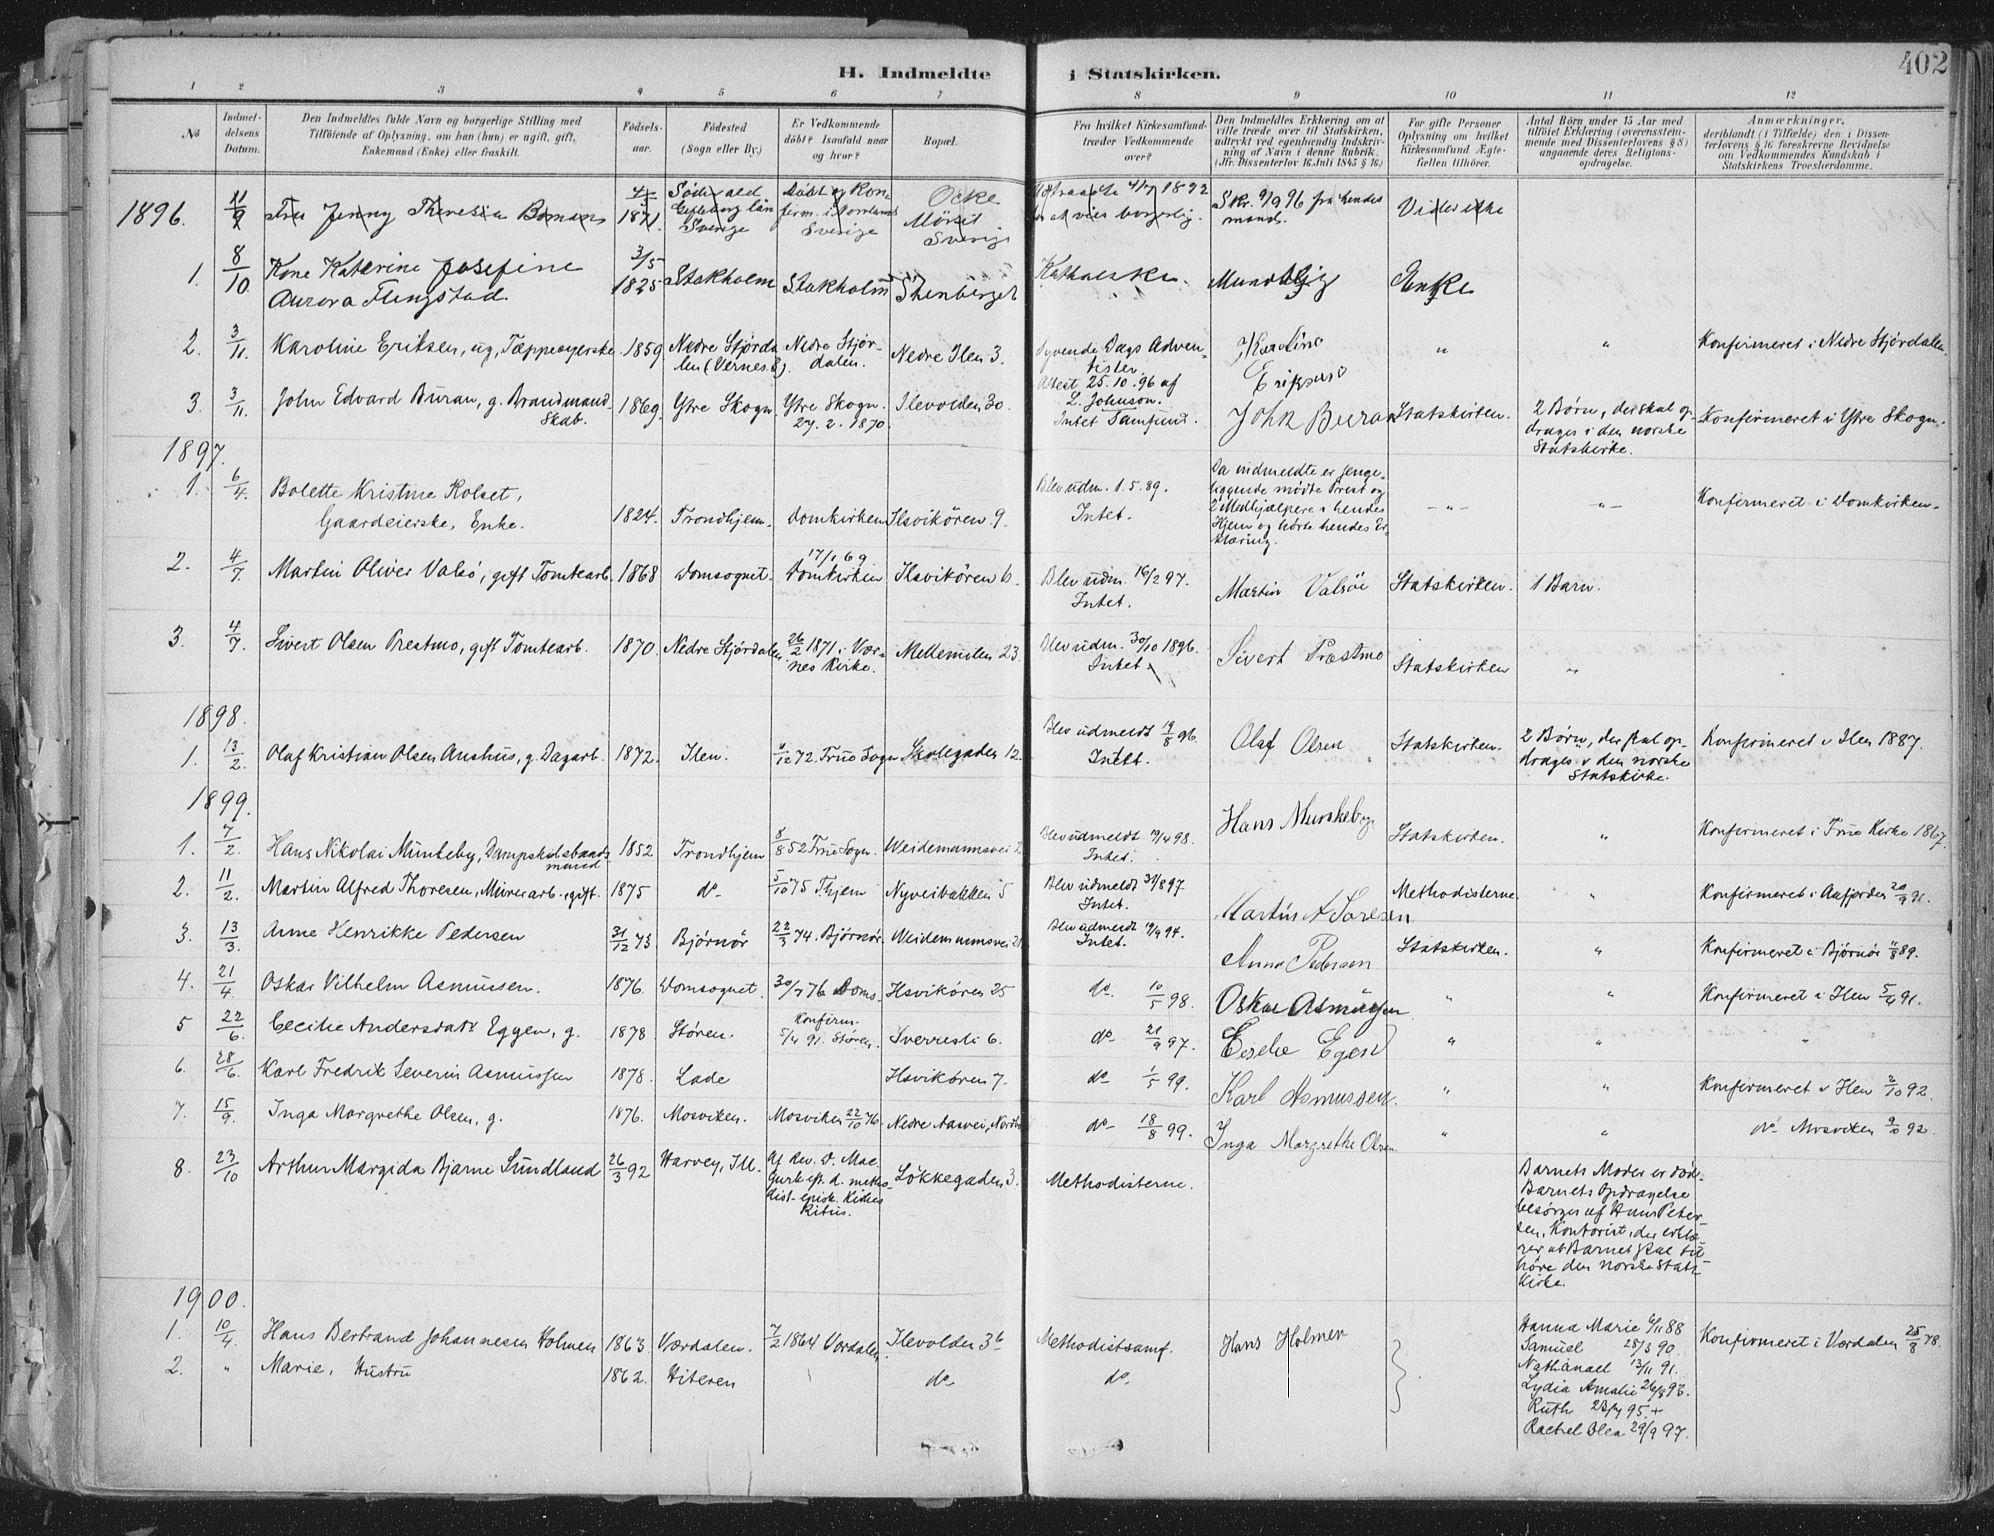 SAT, Ministerialprotokoller, klokkerbøker og fødselsregistre - Sør-Trøndelag, 603/L0167: Ministerialbok nr. 603A06, 1896-1932, s. 402